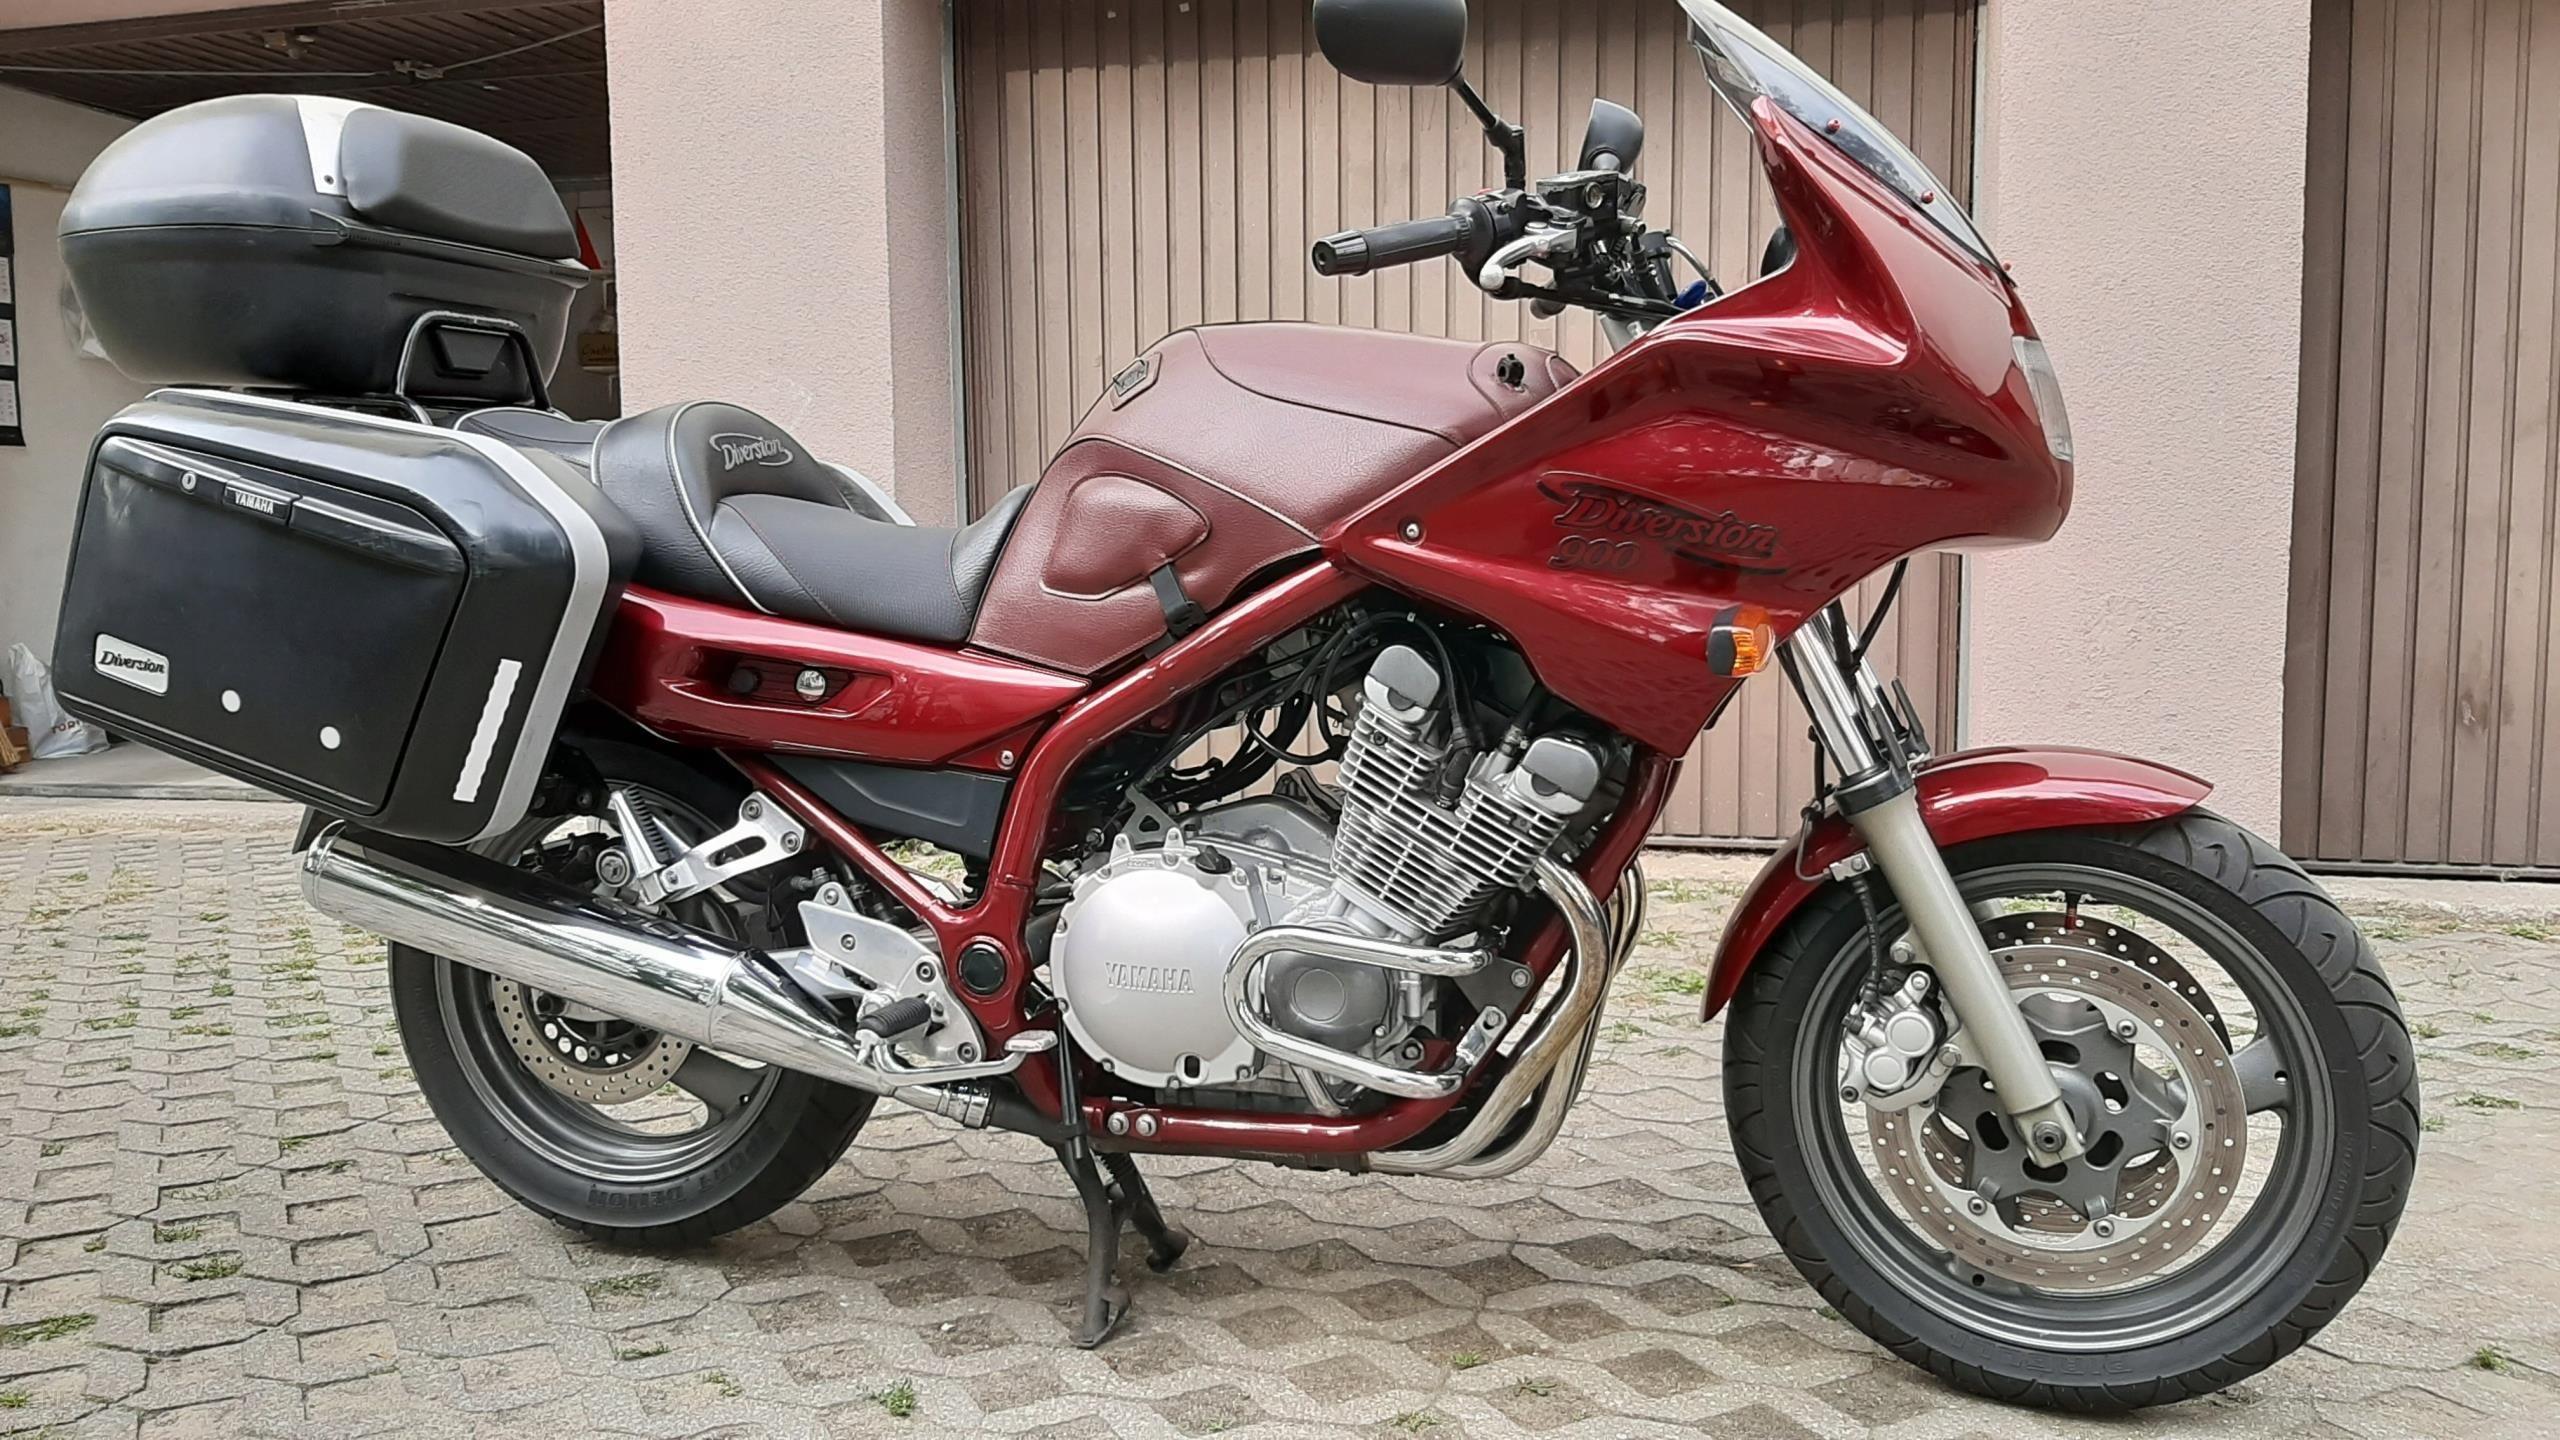 Yamaha Xj 900 Diversion Opinie I Ceny Na Ceneo Pl